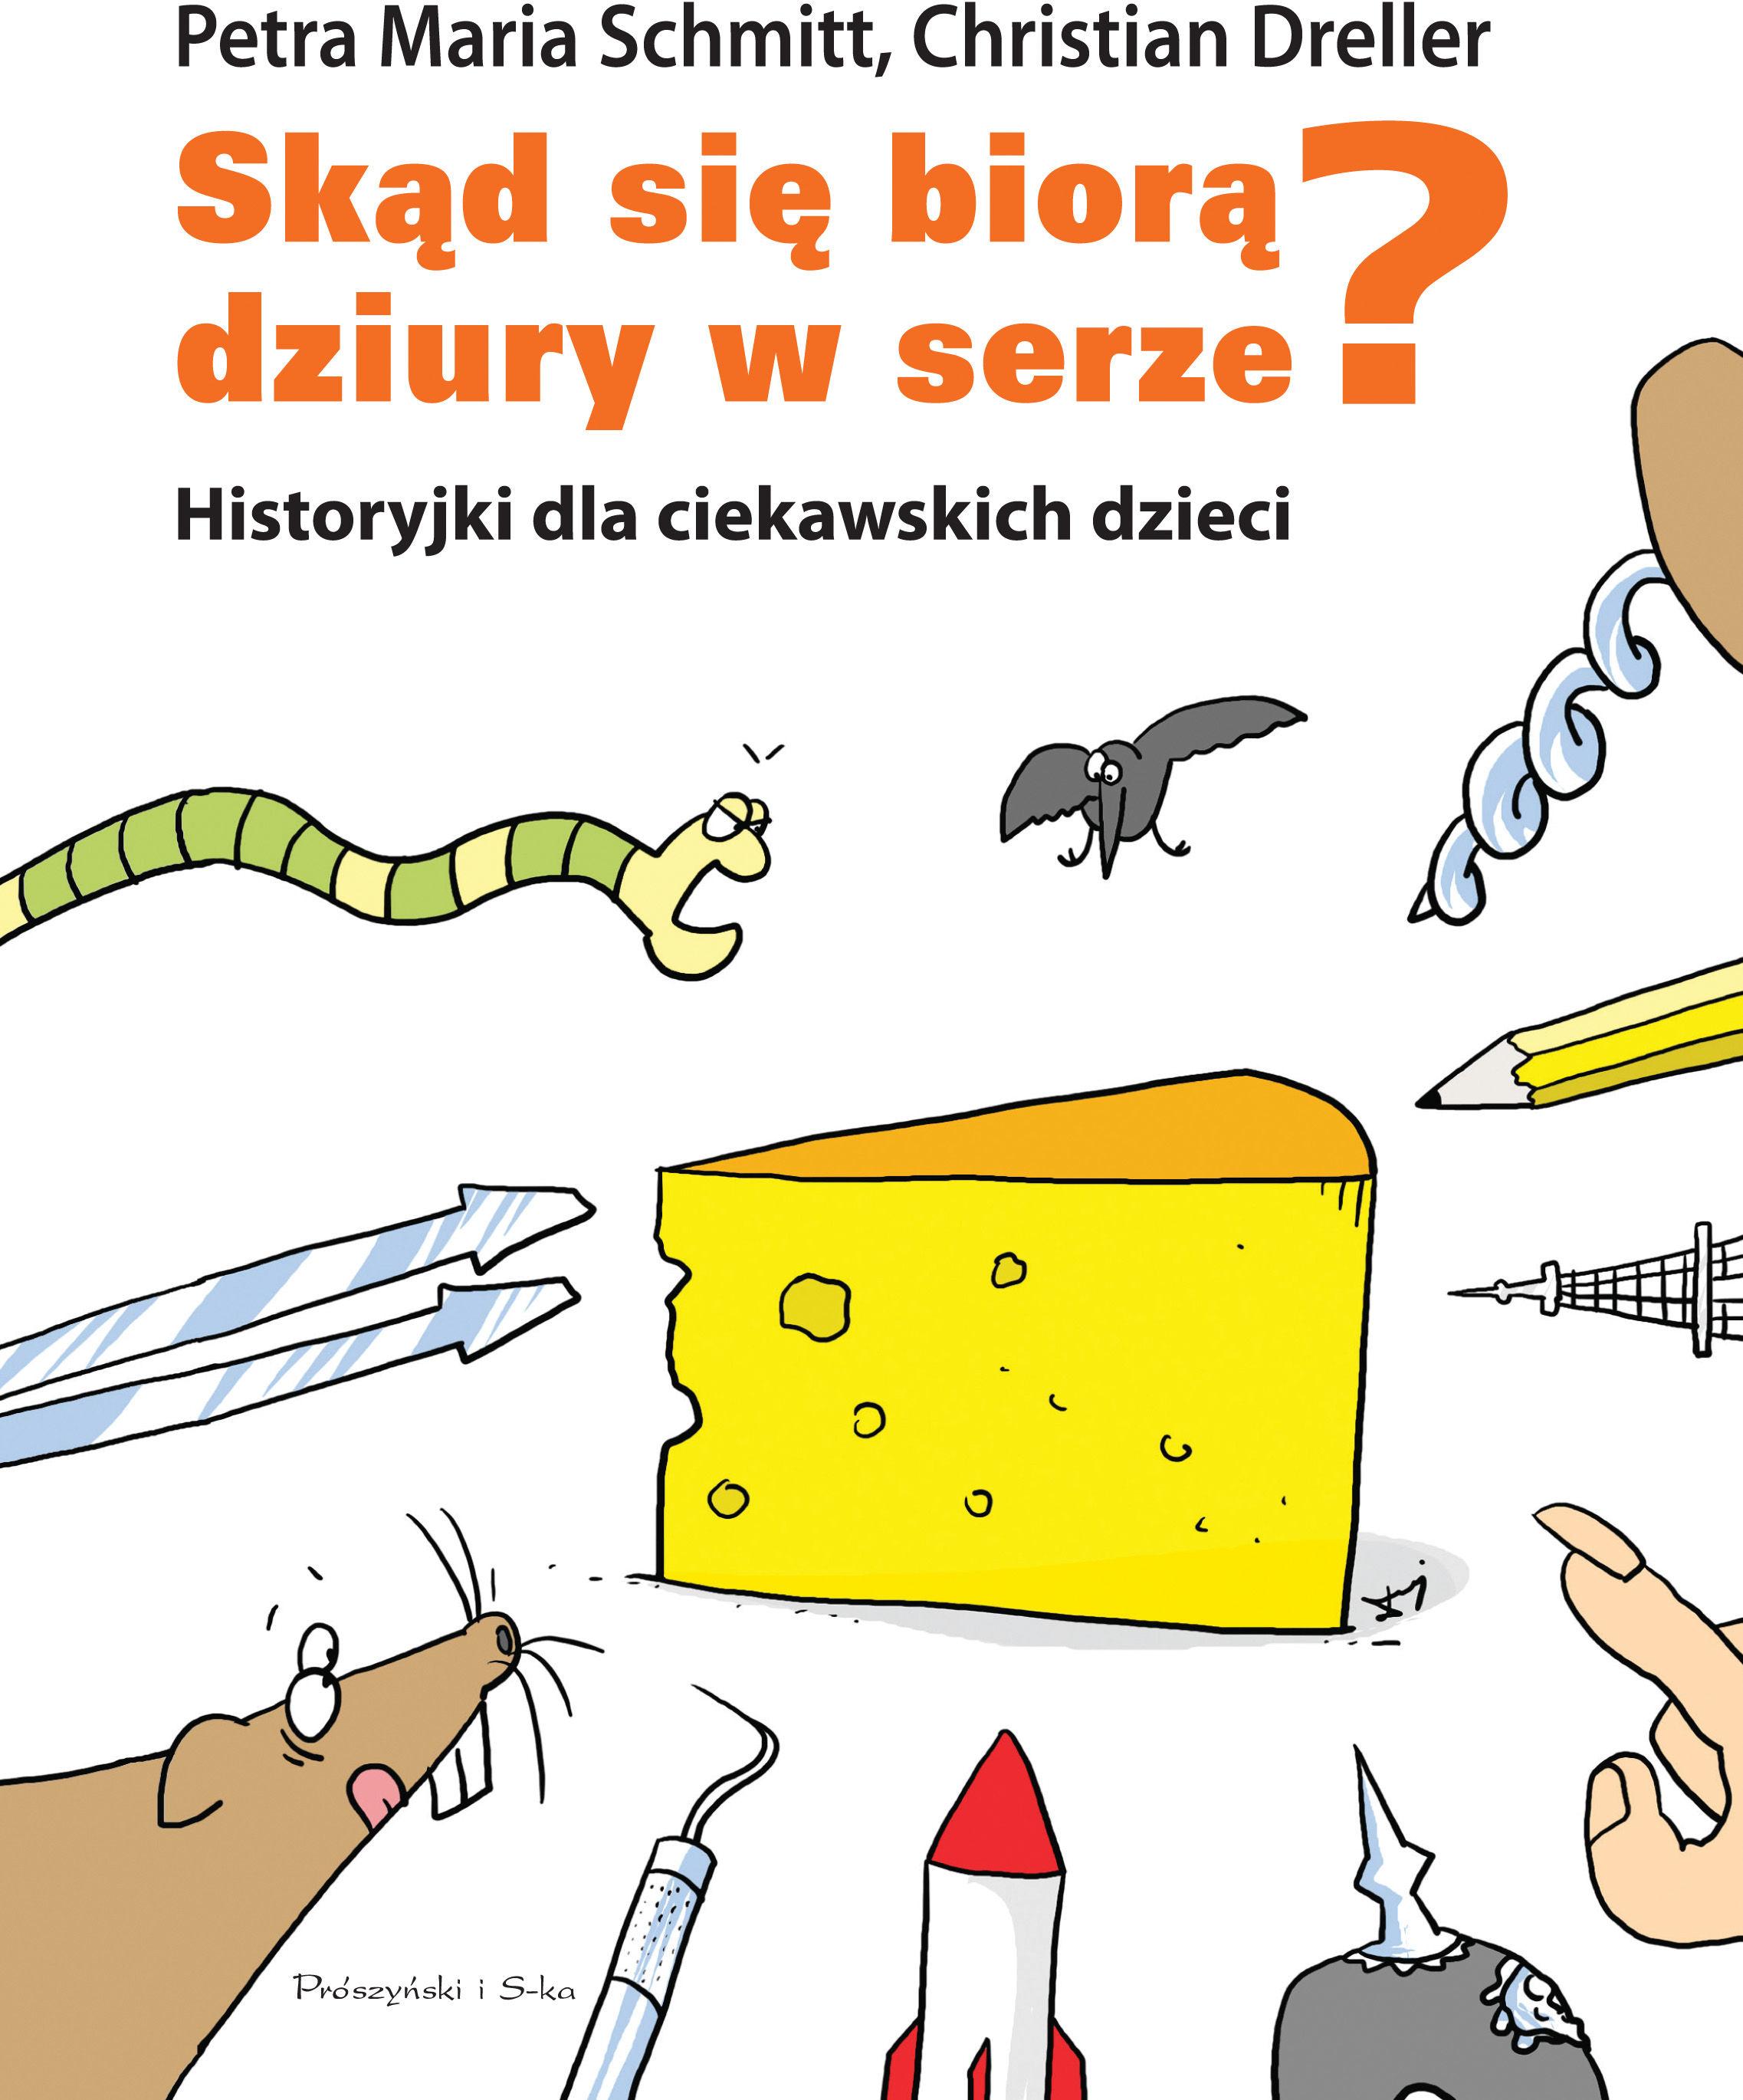 Skąd się biorą dziury w serze? Historyjki dla ciekawskich dzieci - Petra Maria Schmitt - ebook